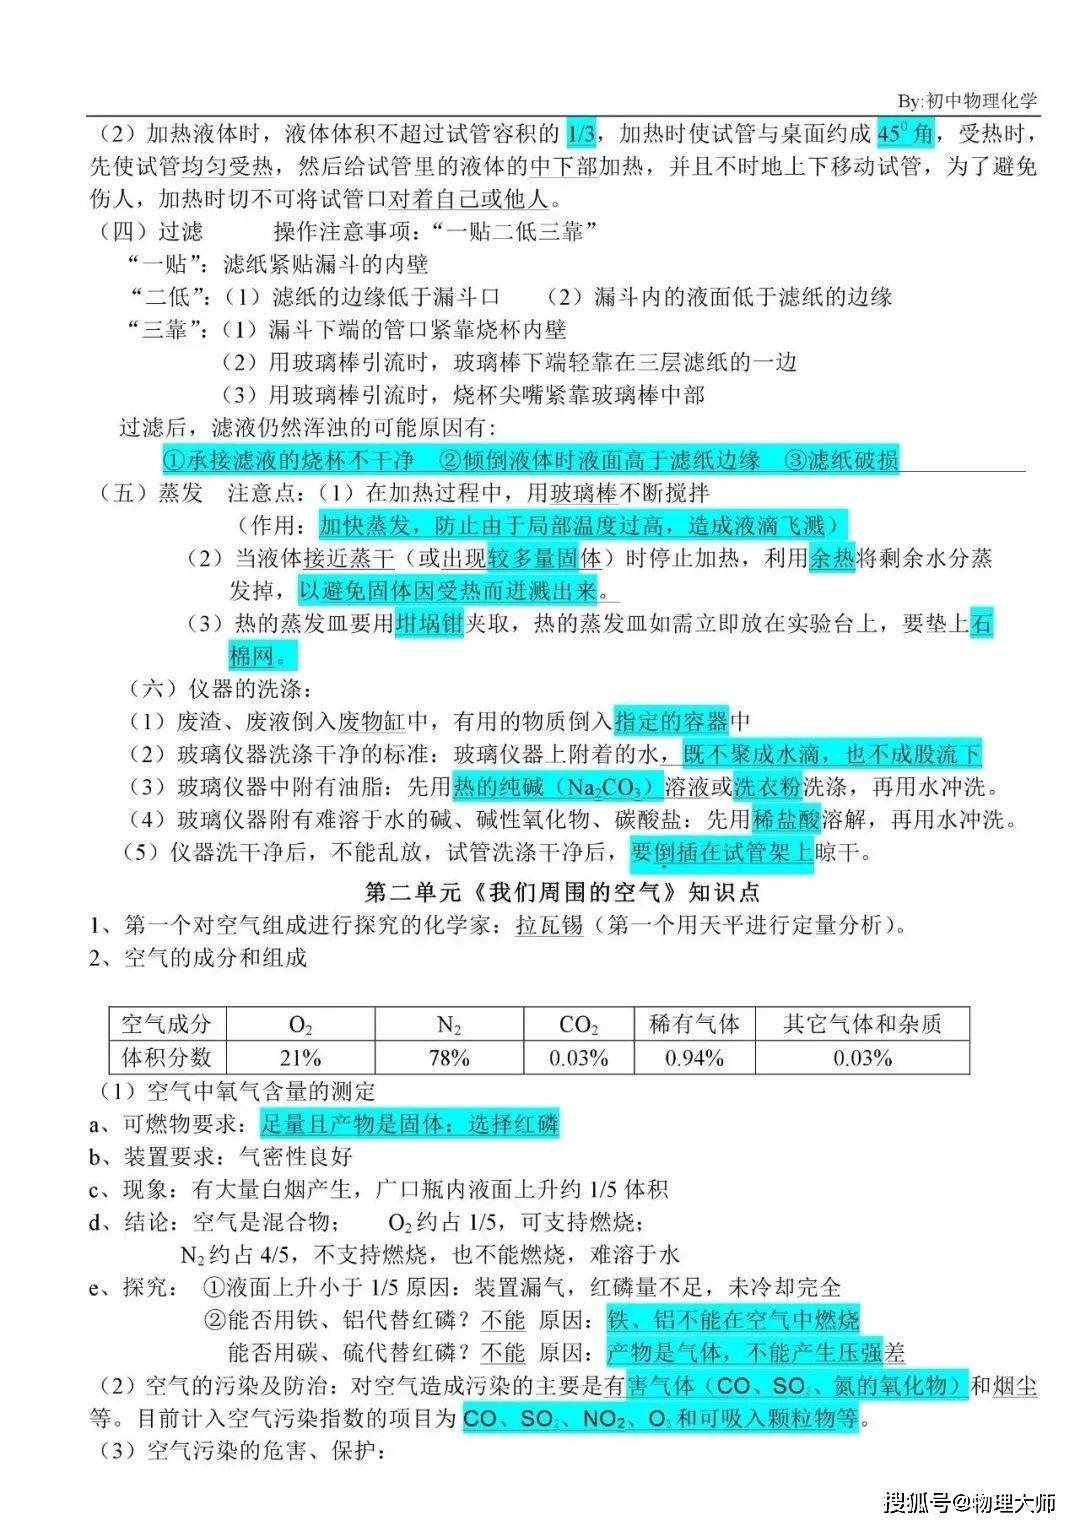 中考化学:考前来一份复习提纲,赶快下载打印!